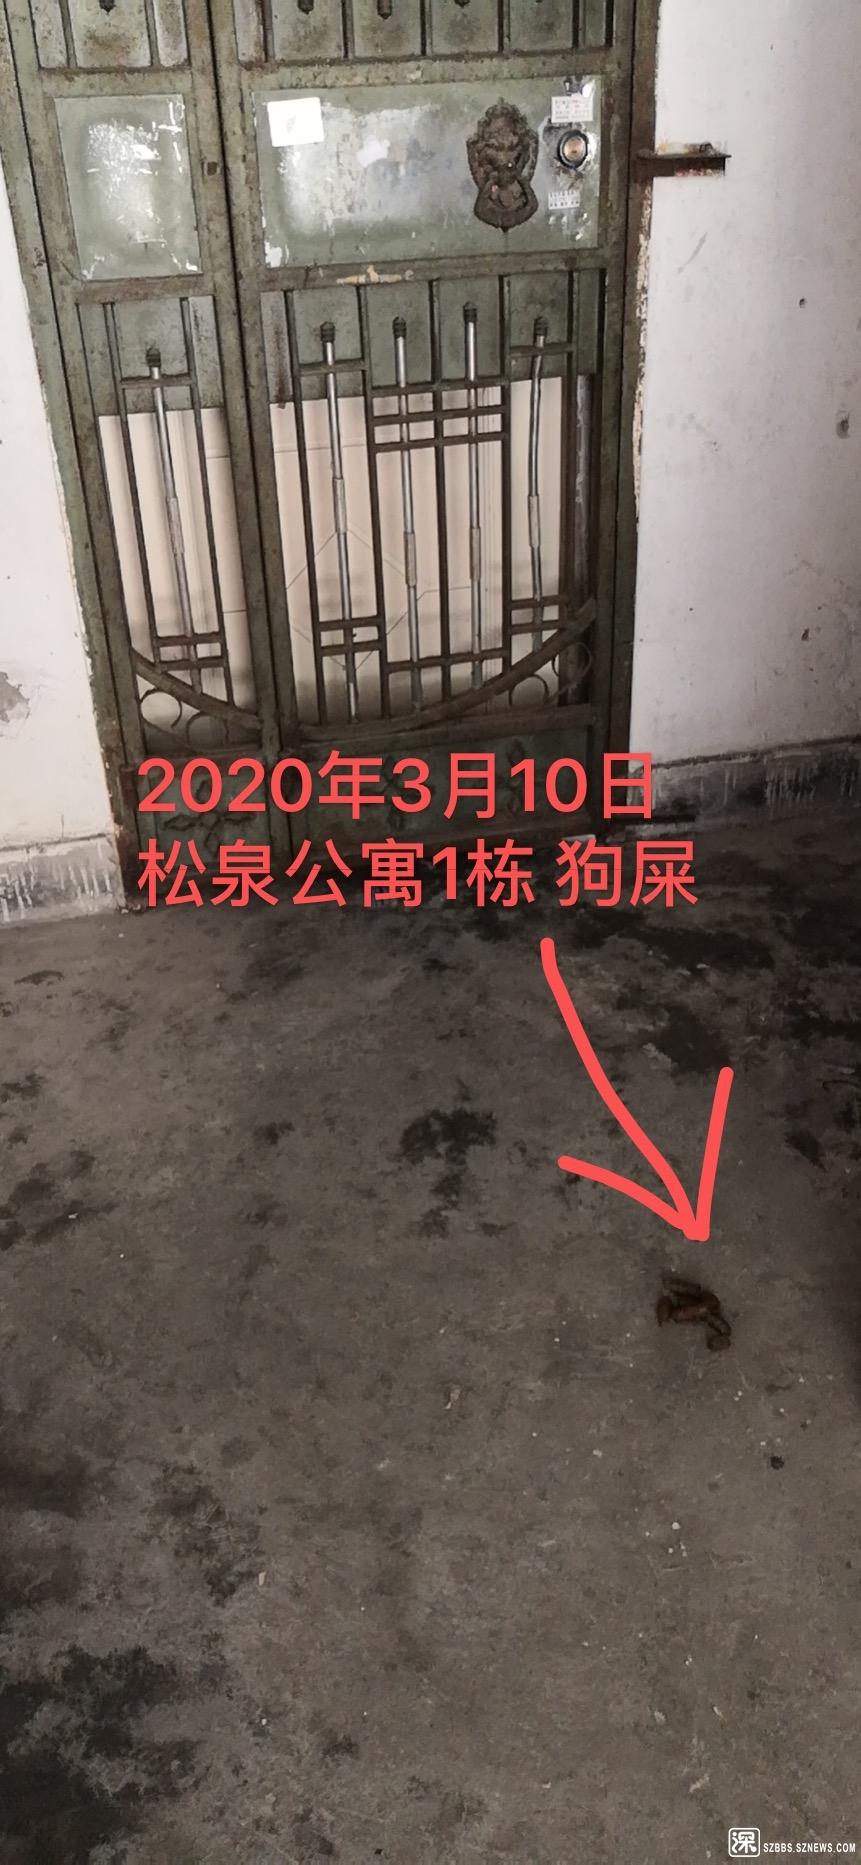 53AF8D13-43D7-4D98-8BEE-8FC29D14EE33.jpeg